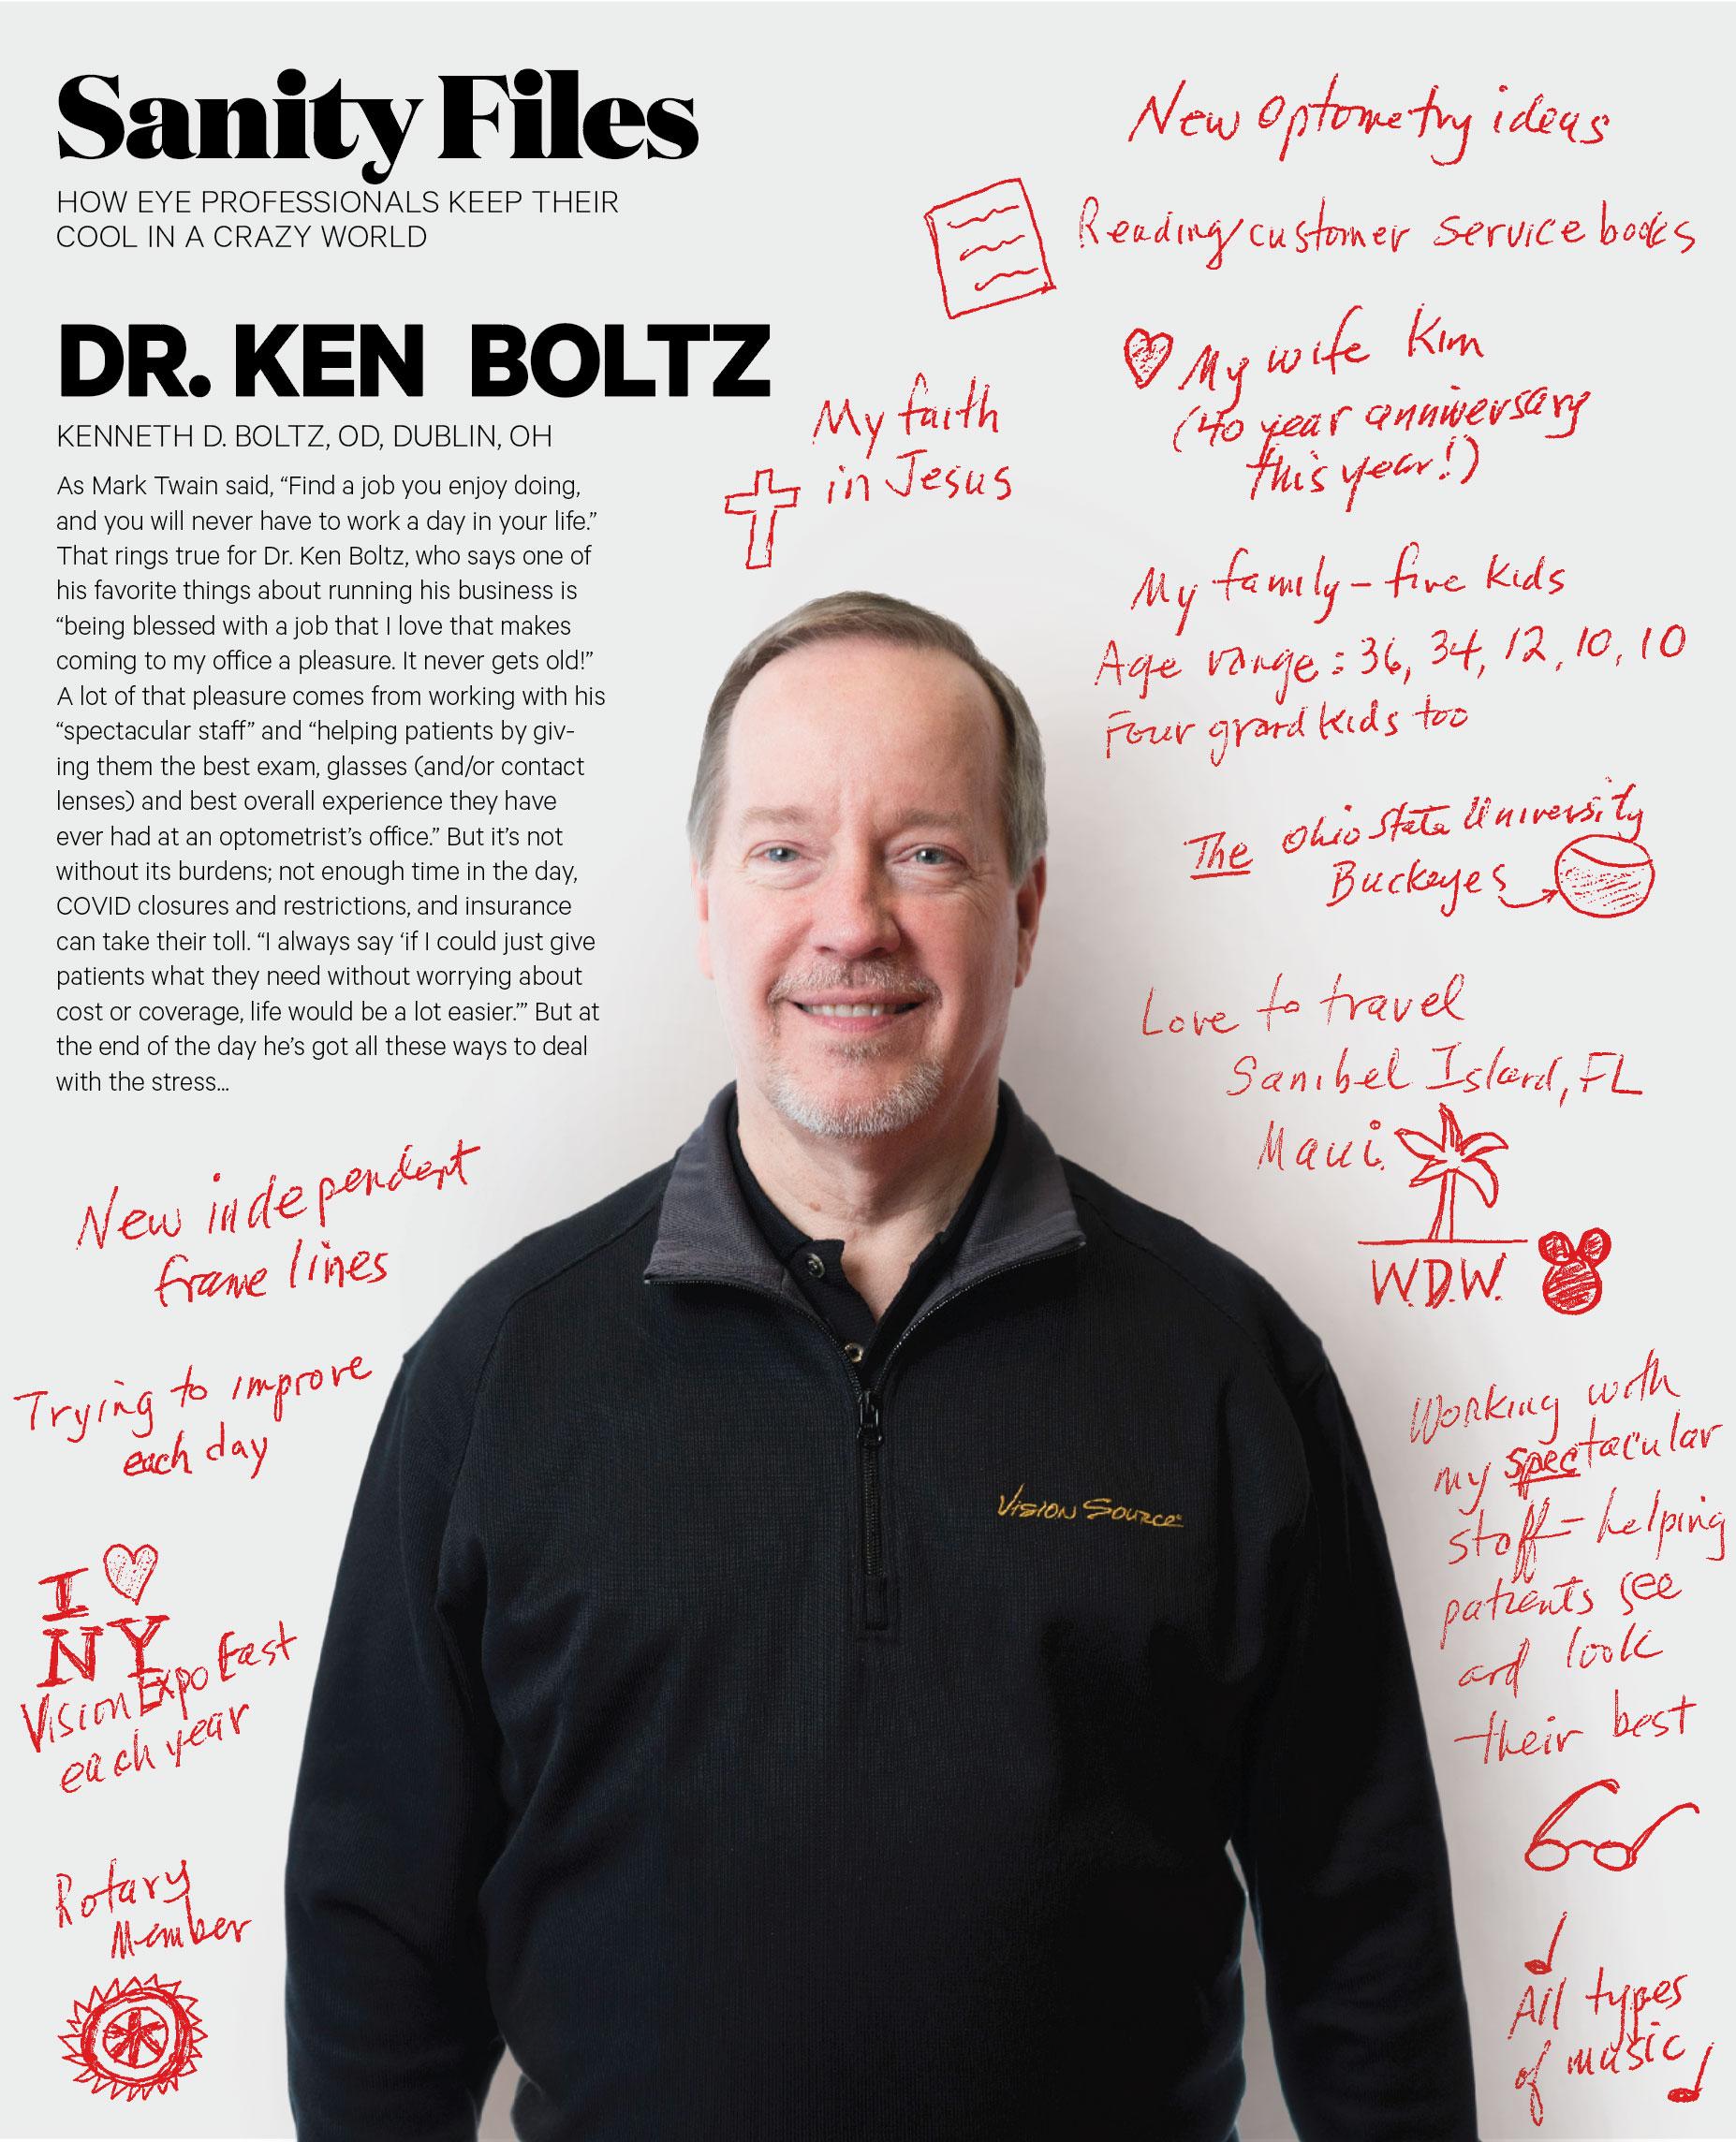 Dr. Ken Boltz